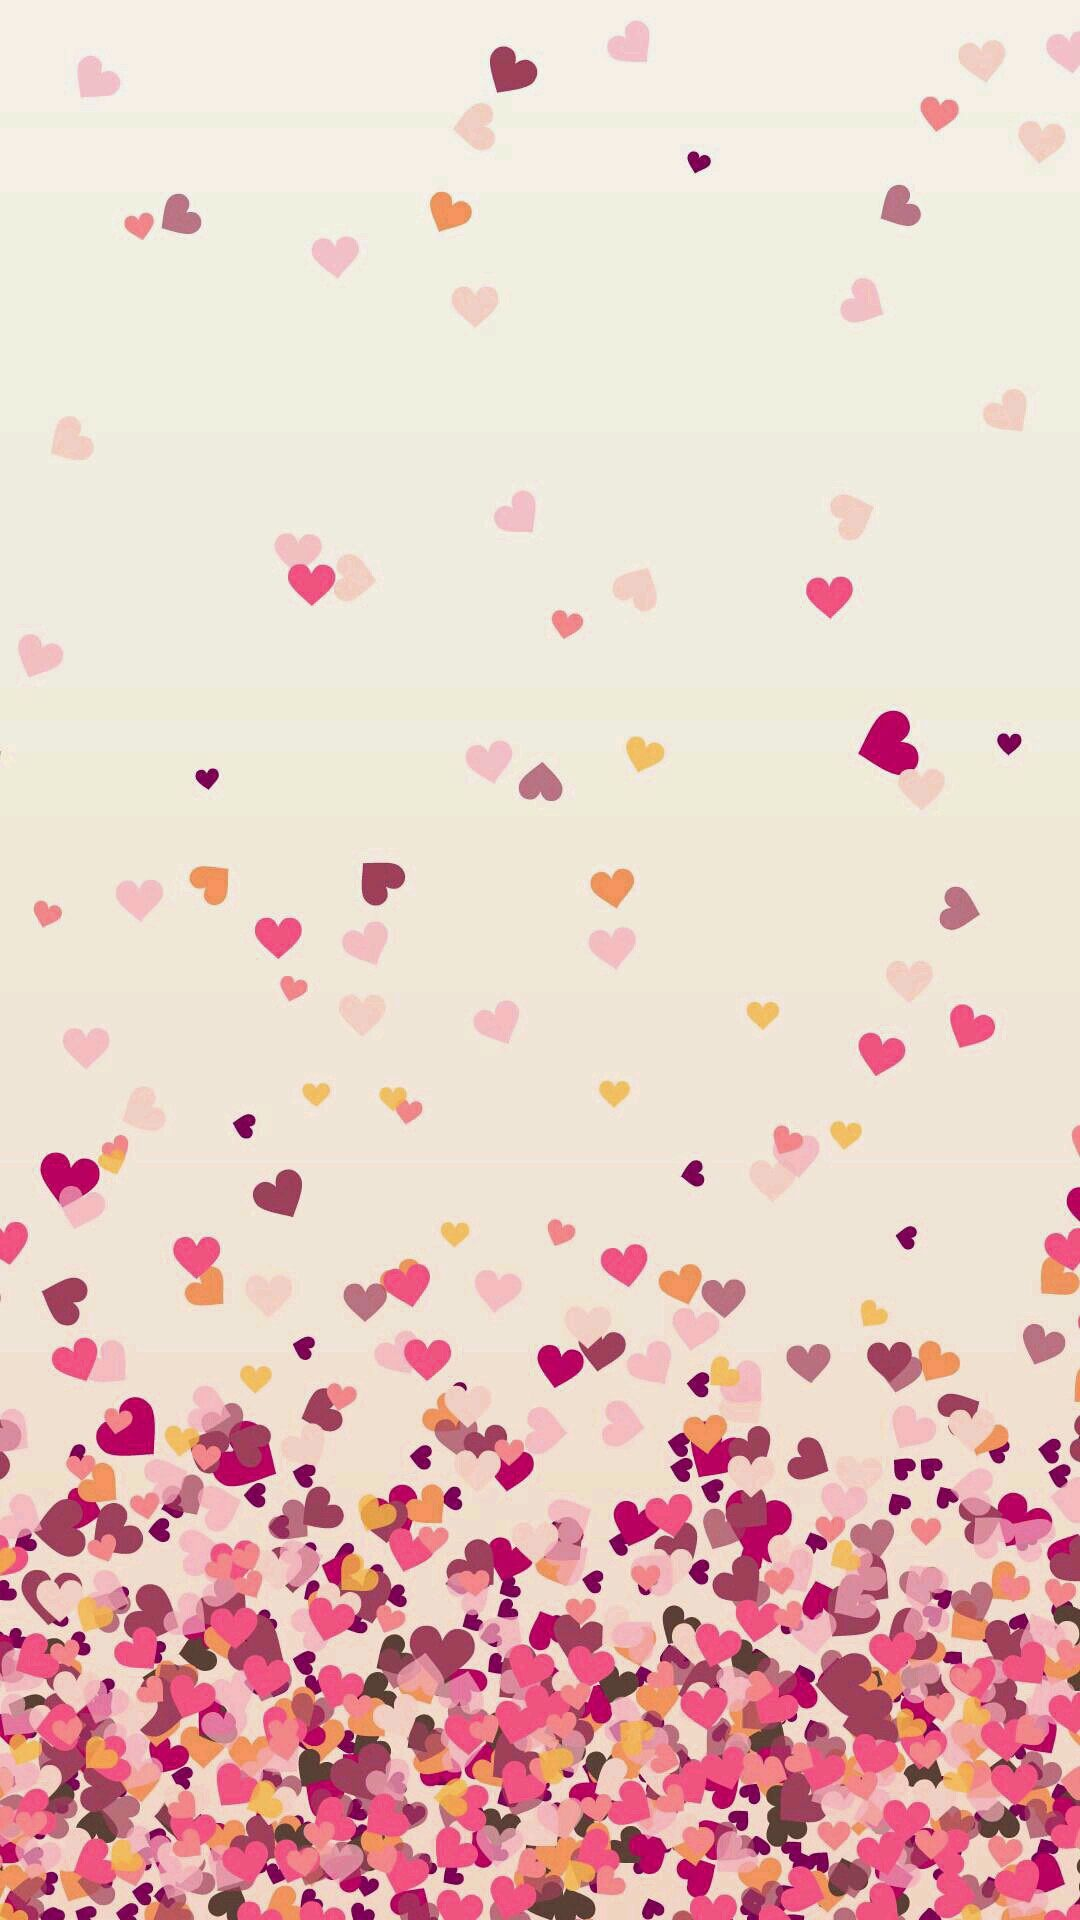 Walpaper Cute Heart Pink Wallpaper Iphone Heart Wallpaper